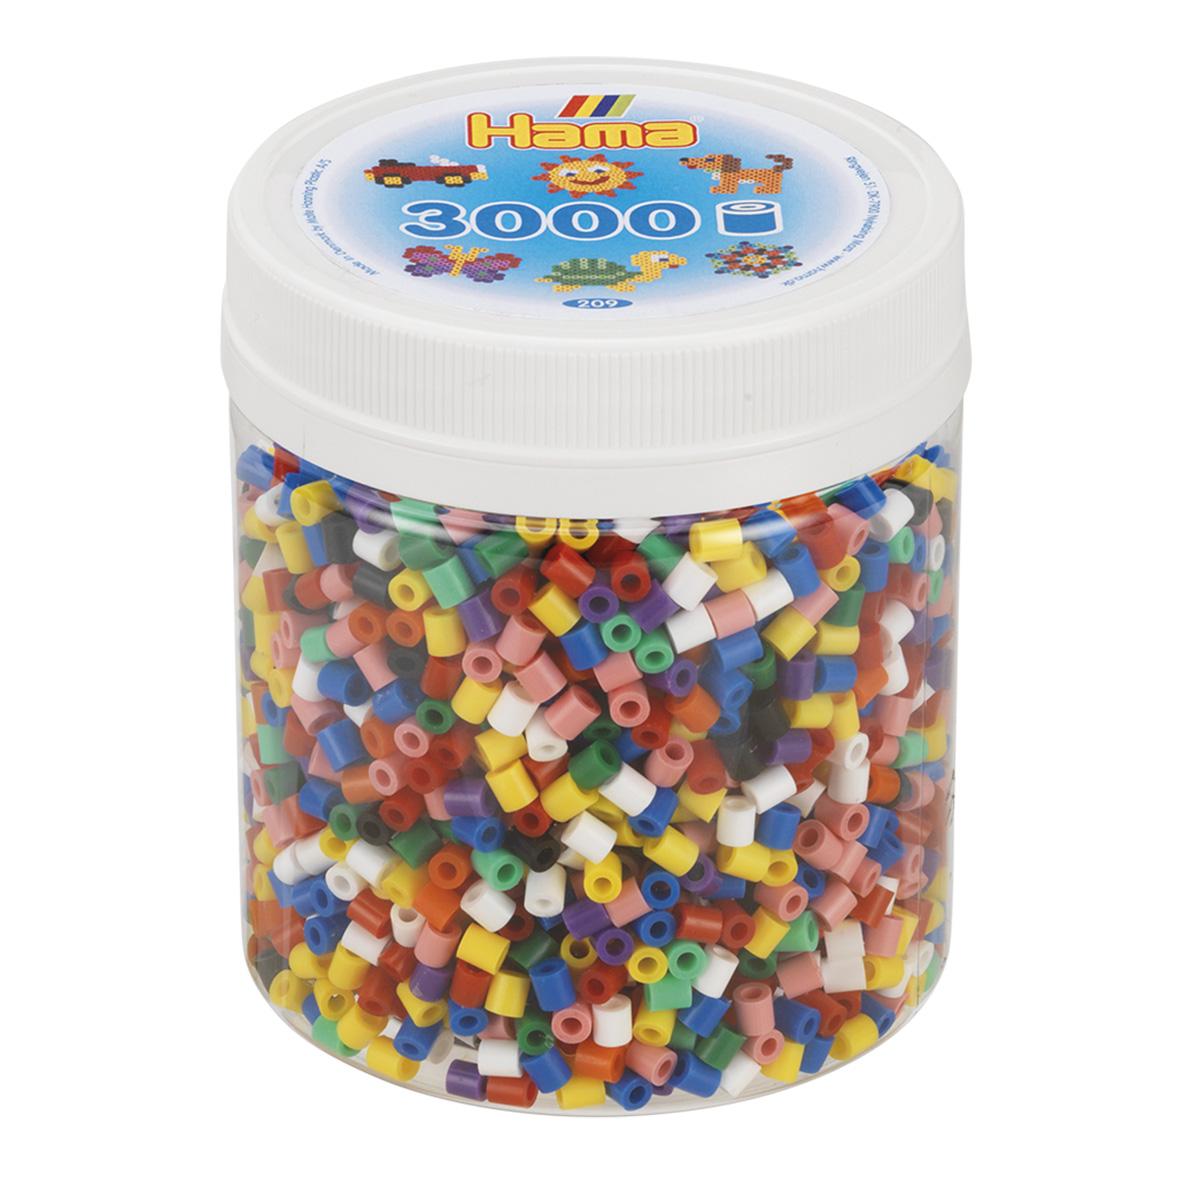 ハマビーズ ボトル 3000pcs mix基本10色